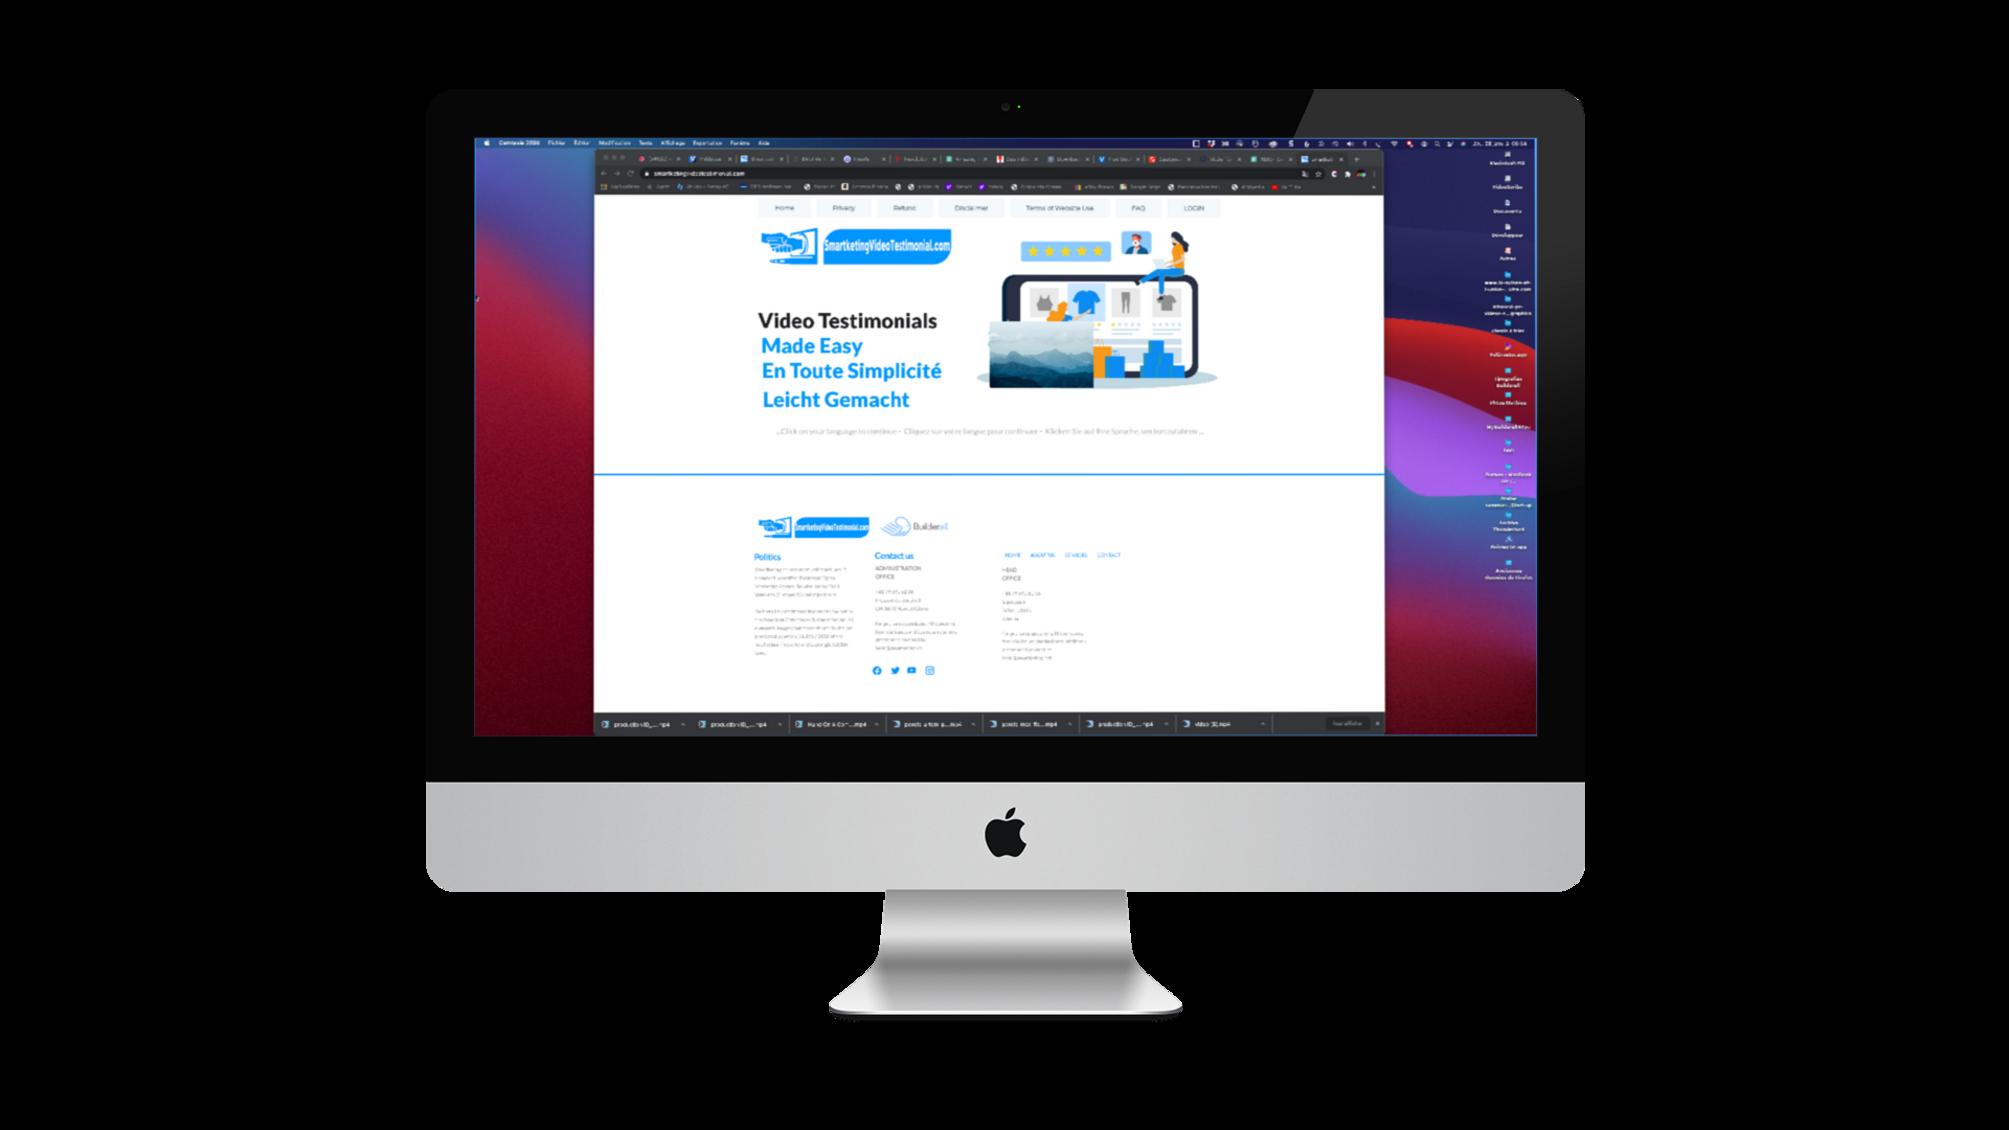 Launch der neuen SaaS Online Video Testimonial-Plattform für KMU-Eigentümer und Freiberufler smartketingvideotestimonial.com